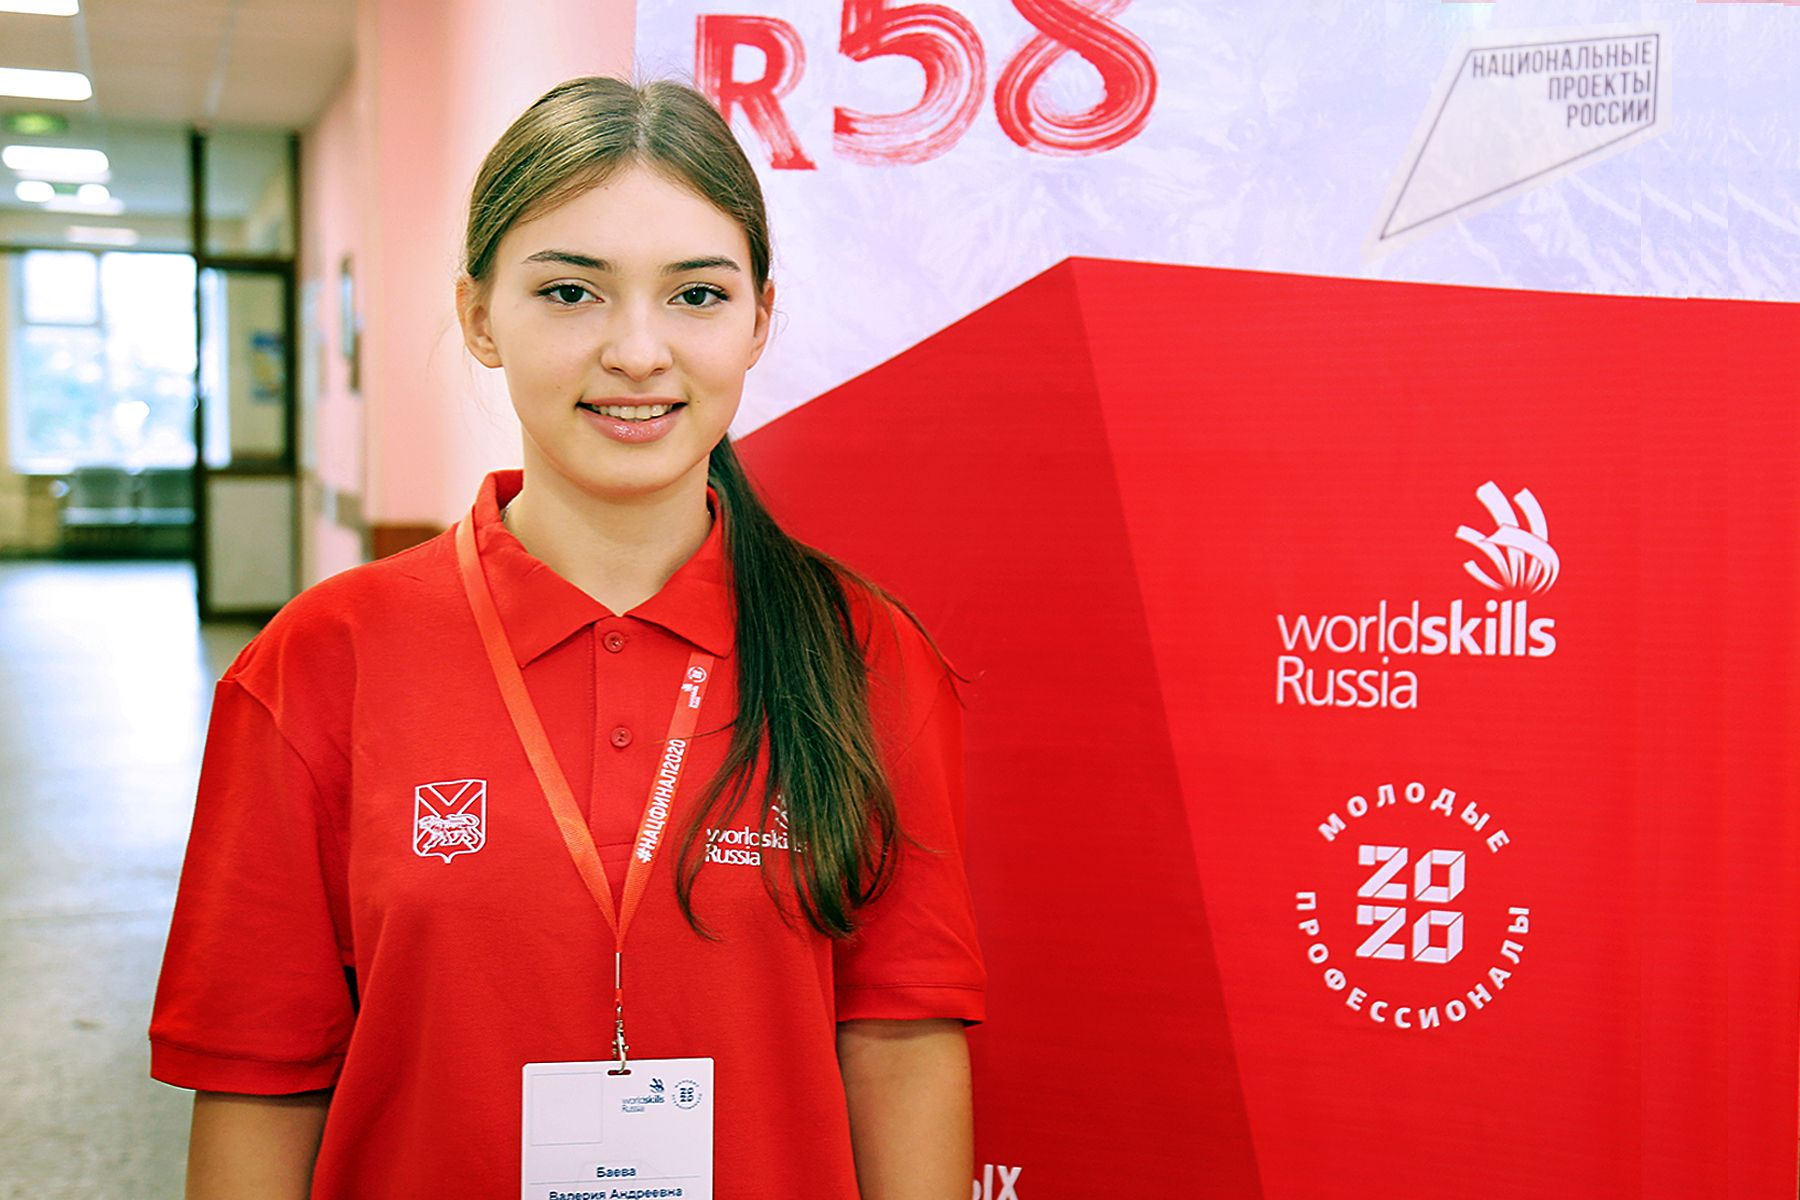 Финалистка компетенции «Организация экскурсионных услуг» Национального чемпионата WSR Валерия Баева: соревнования дали понять, насколько правильно я выбрала профессию